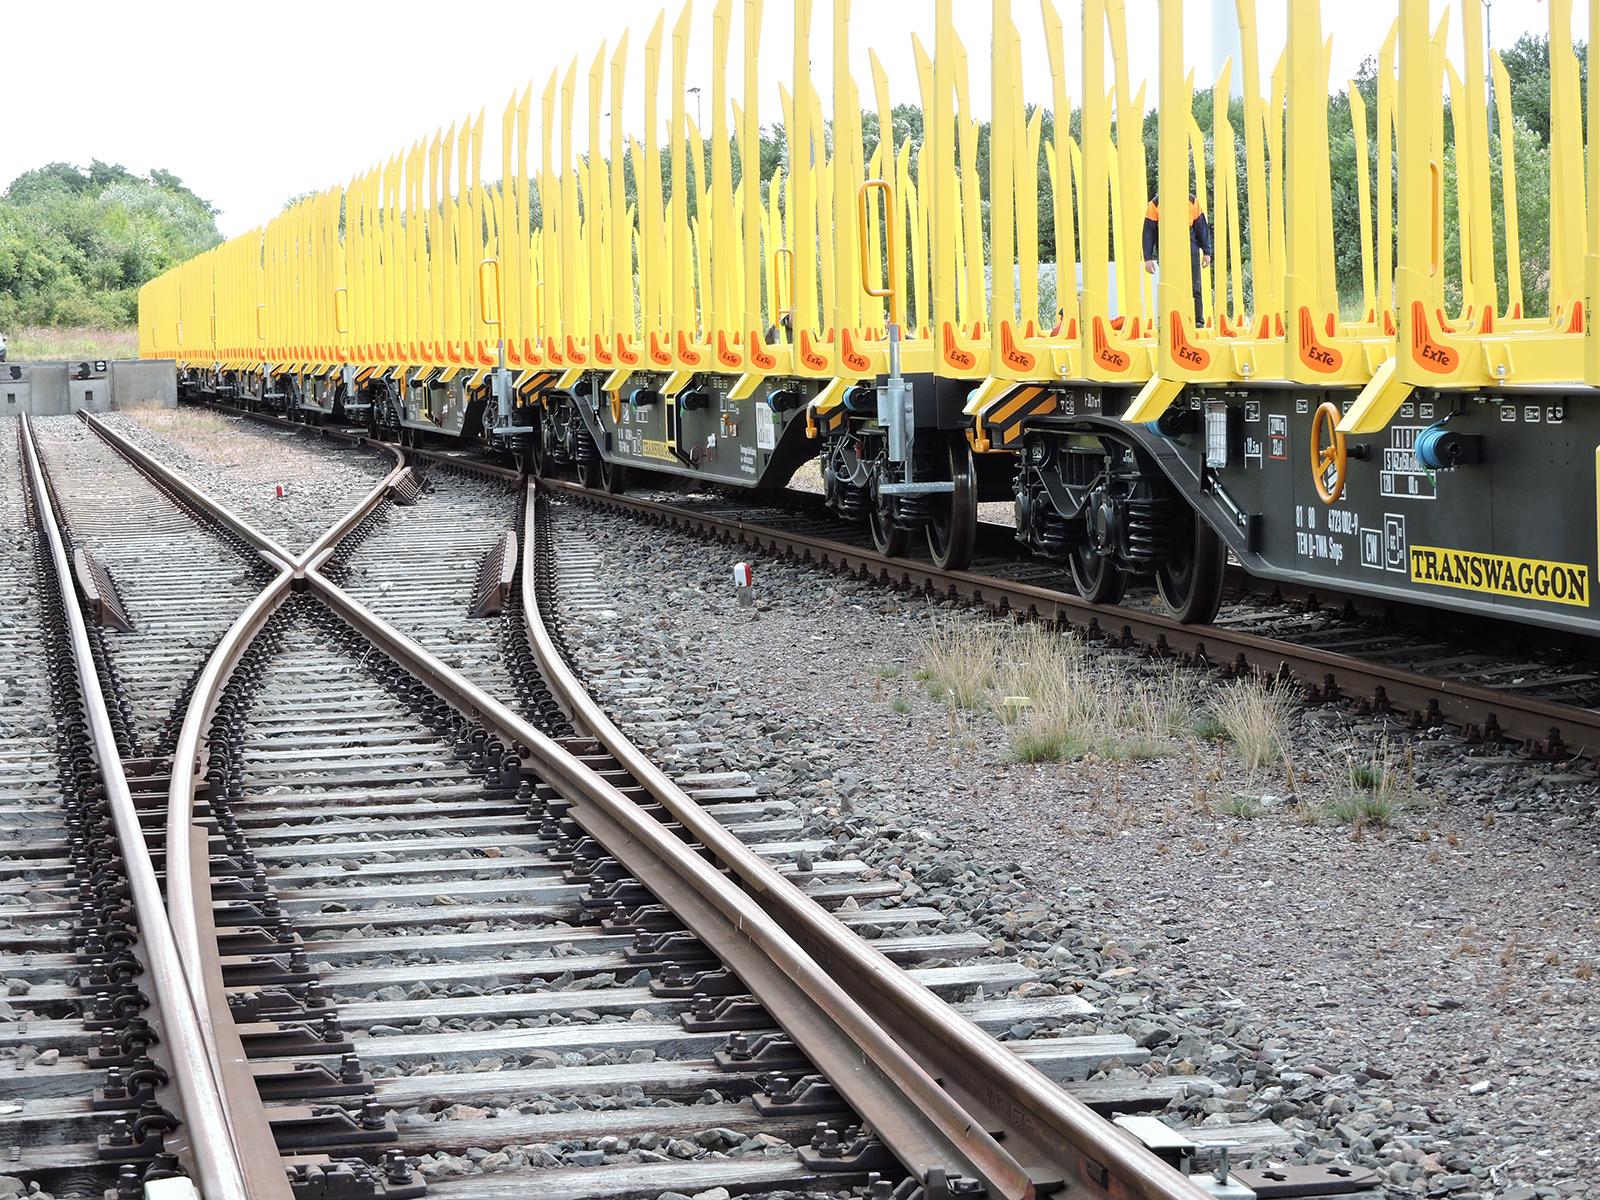 Ein Holzwaggon der Gattung SNPS der Transwaggon GmbH in gelb.